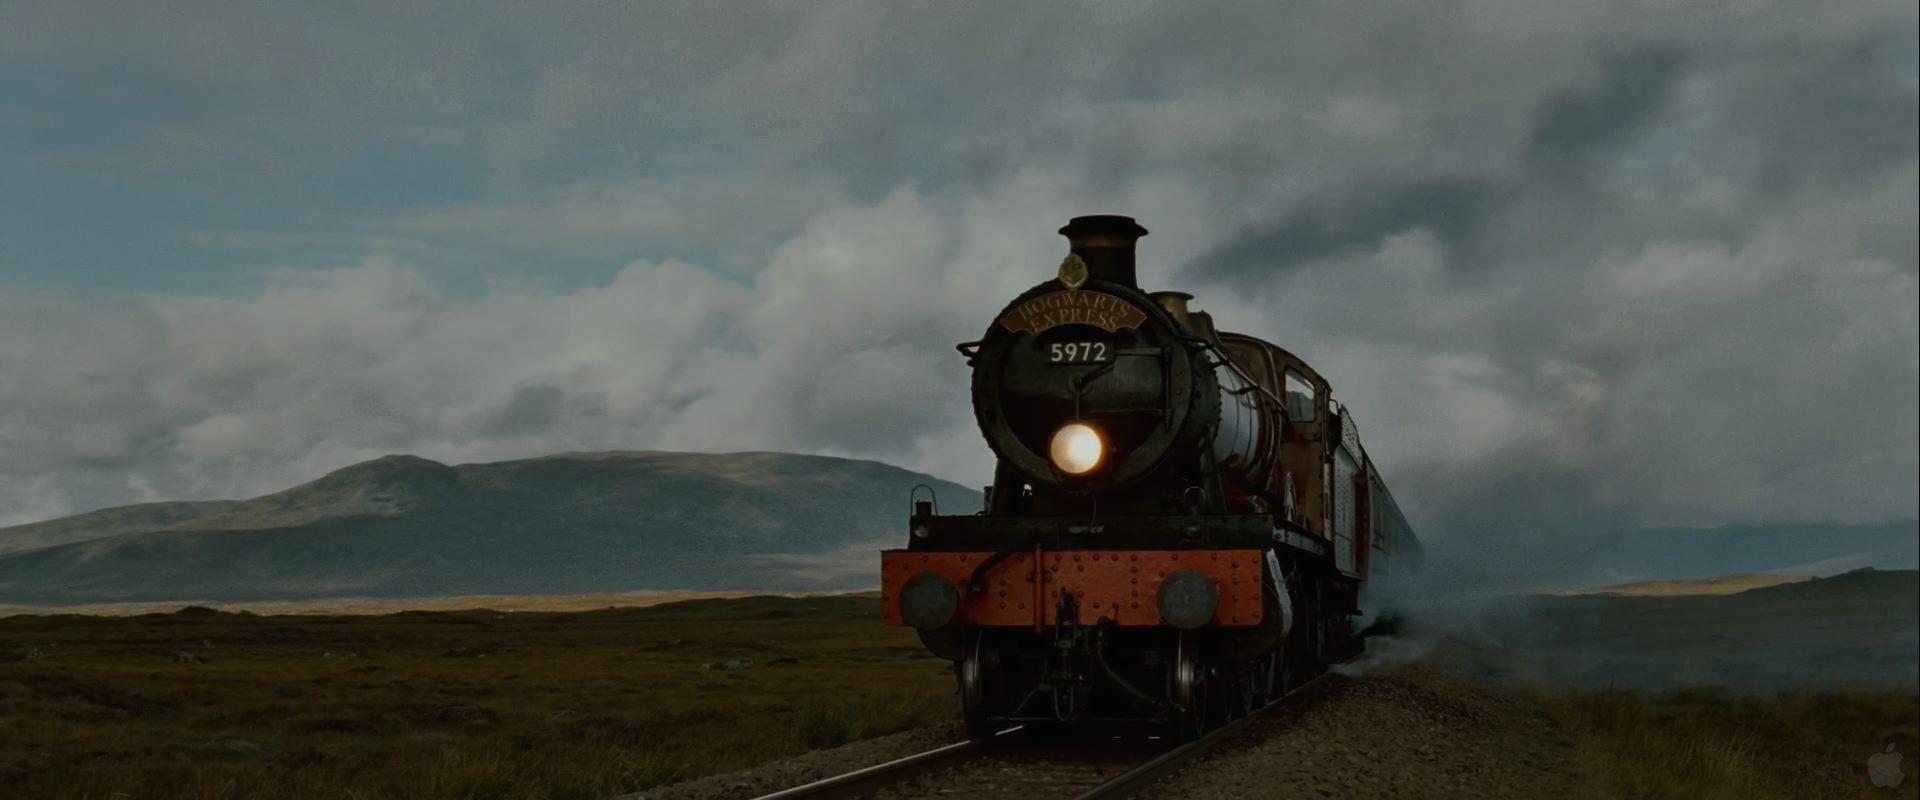 Harry Potter Wallpaper Hogwarts Express - HD Wallpaper